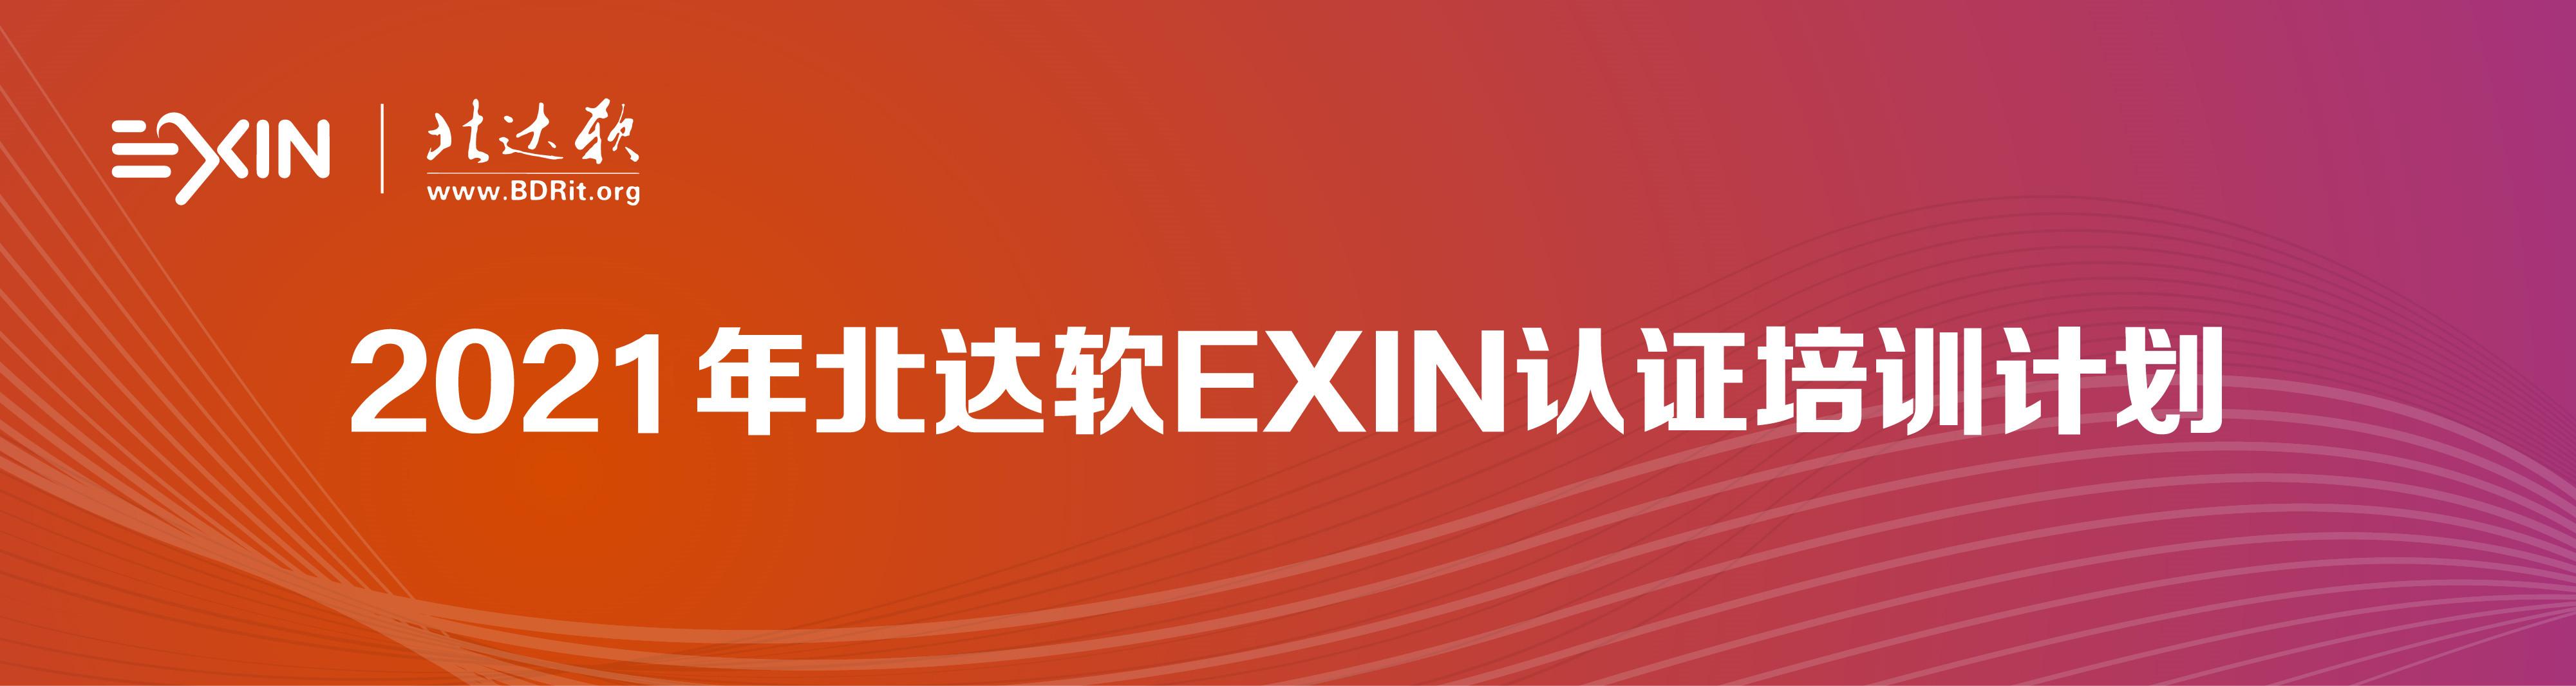 2021年北达软EXIN认证培训计划